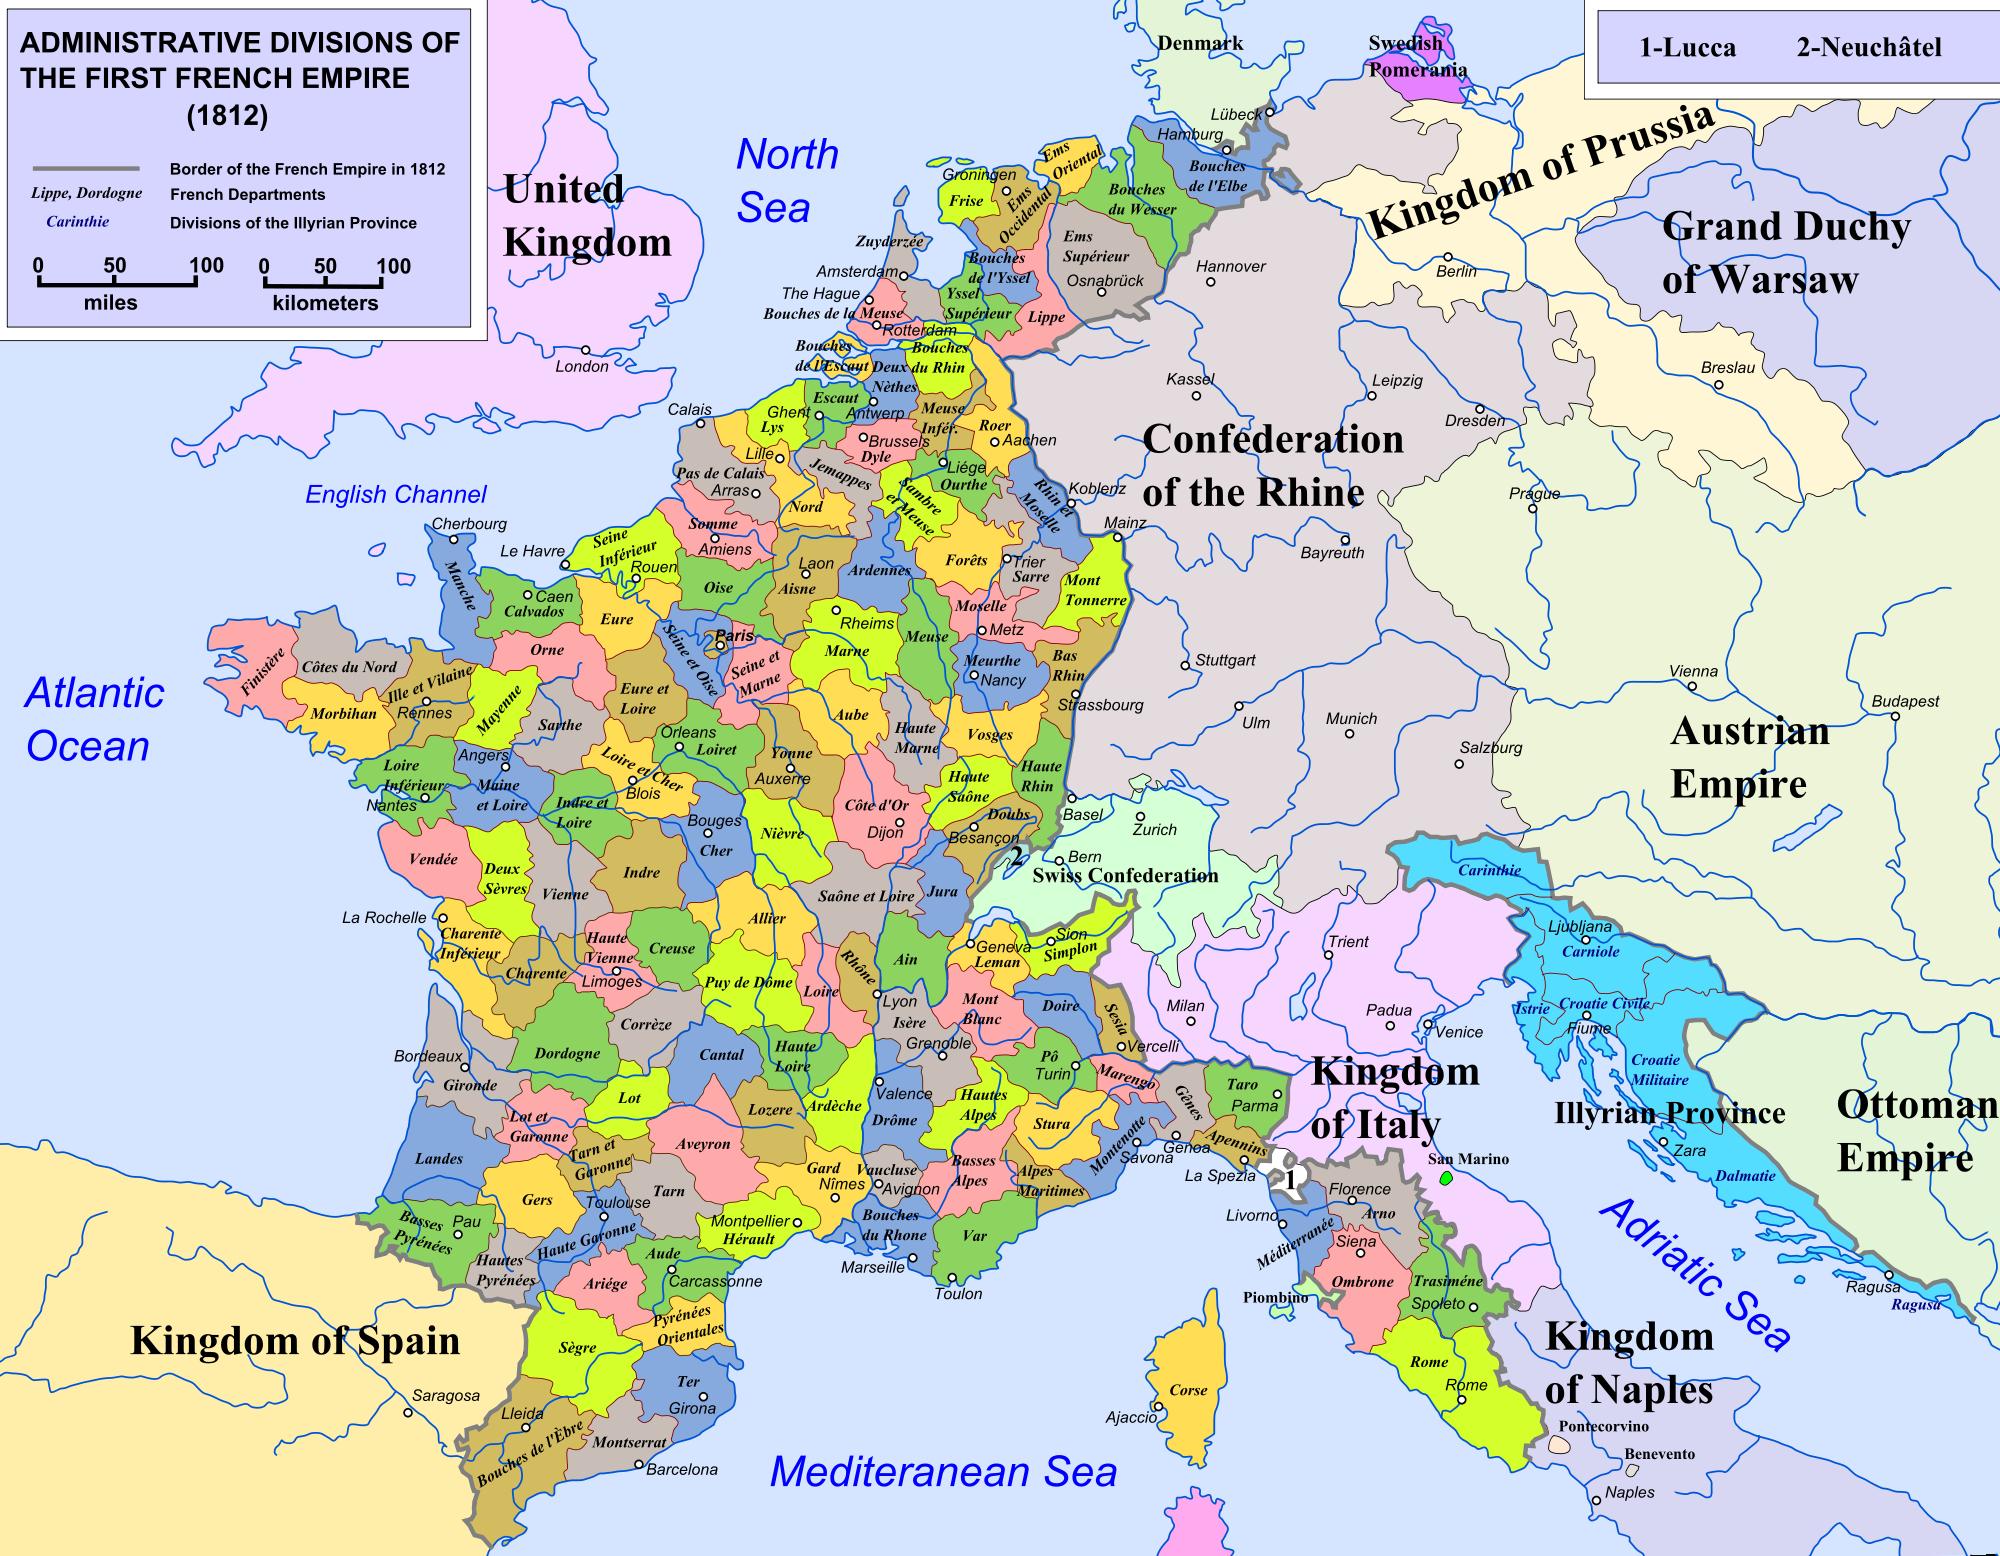 Napoleon France | De France Tweet Imprimer Cette Carte intérieur Carte De France Imprimable